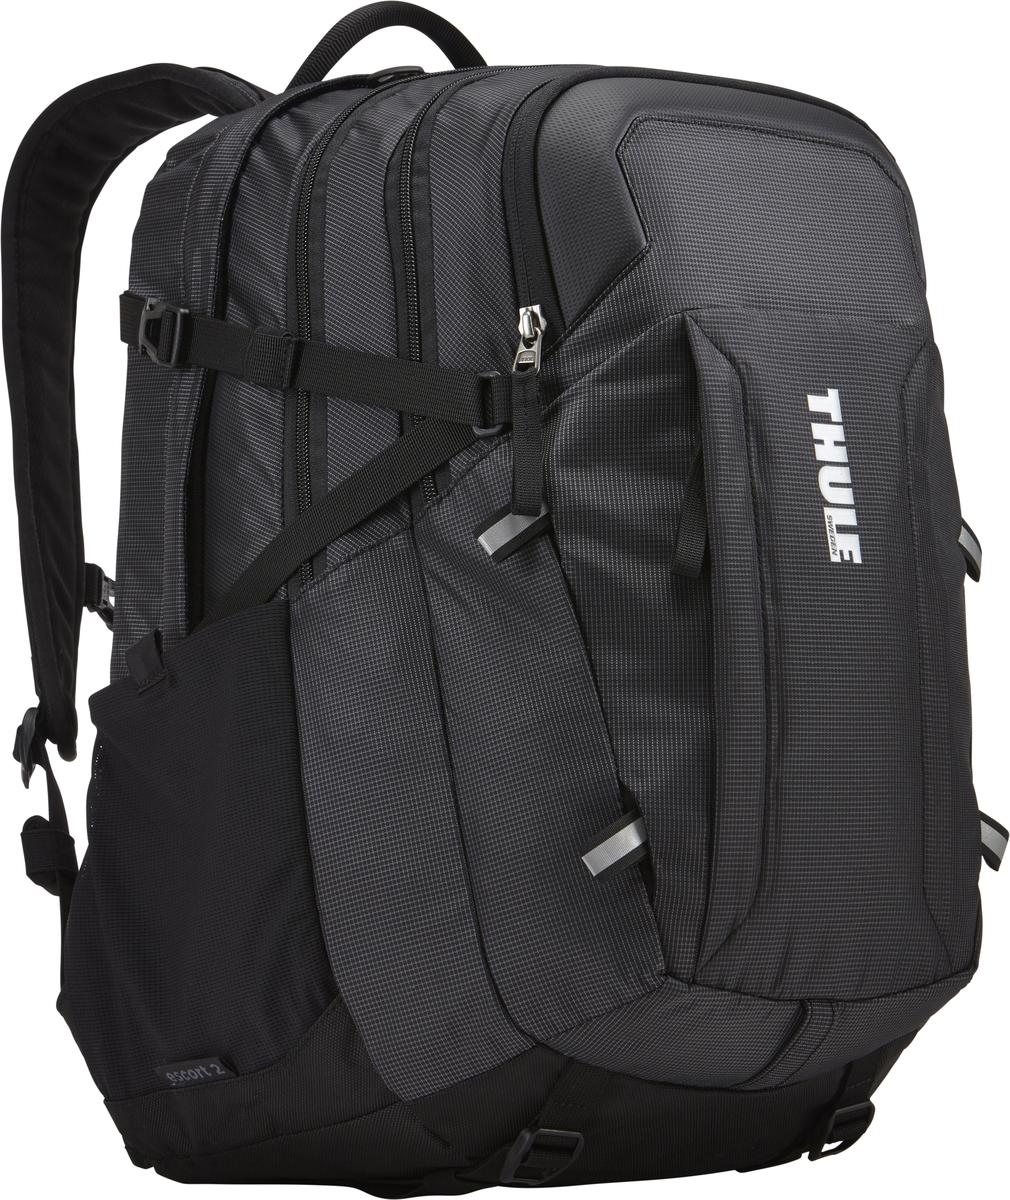 Рюкзак Thule EnRoute ESCORT, цвет: черный, 27л. TCBP4173202887Рюкзак Thule EnRoute Escort 2 - Рюкзак объемом 27 л обеспечивает оптимальную вместимость для повседневного хранения вещей. Отличается использованием конструкции SafeEdge для защиты ноутбука. Вмещает MacBook Pro с диагональю экрана 15 или ноутбук с диагональю экрана 15,6 и дополнительно планшет Отделение для ноутбука с конструкцией SafeEdge и дополнительный чехол для планшета с мягкой подкладкой В ударопрочном отделении SafeZone для солнечных очков и хрупких вещей есть специальный карман для телефона В отделении для ноутбука также можно хранить питьевую систему (в комплект не входит) Большое основное отделение позволяет хранить ваше снаряжение отдельно от электроники Карманы на переднем клапане, обеспечивающие быстрый доступ Потайные крепления со светоотражающими деталями Панель-органайзер обеспечит надежное хранение и быстрый поиск мелких предметов. Выемки для вентиляции на задней стороне обеспечивают циркуляцию воздуха. Поясной ремень...